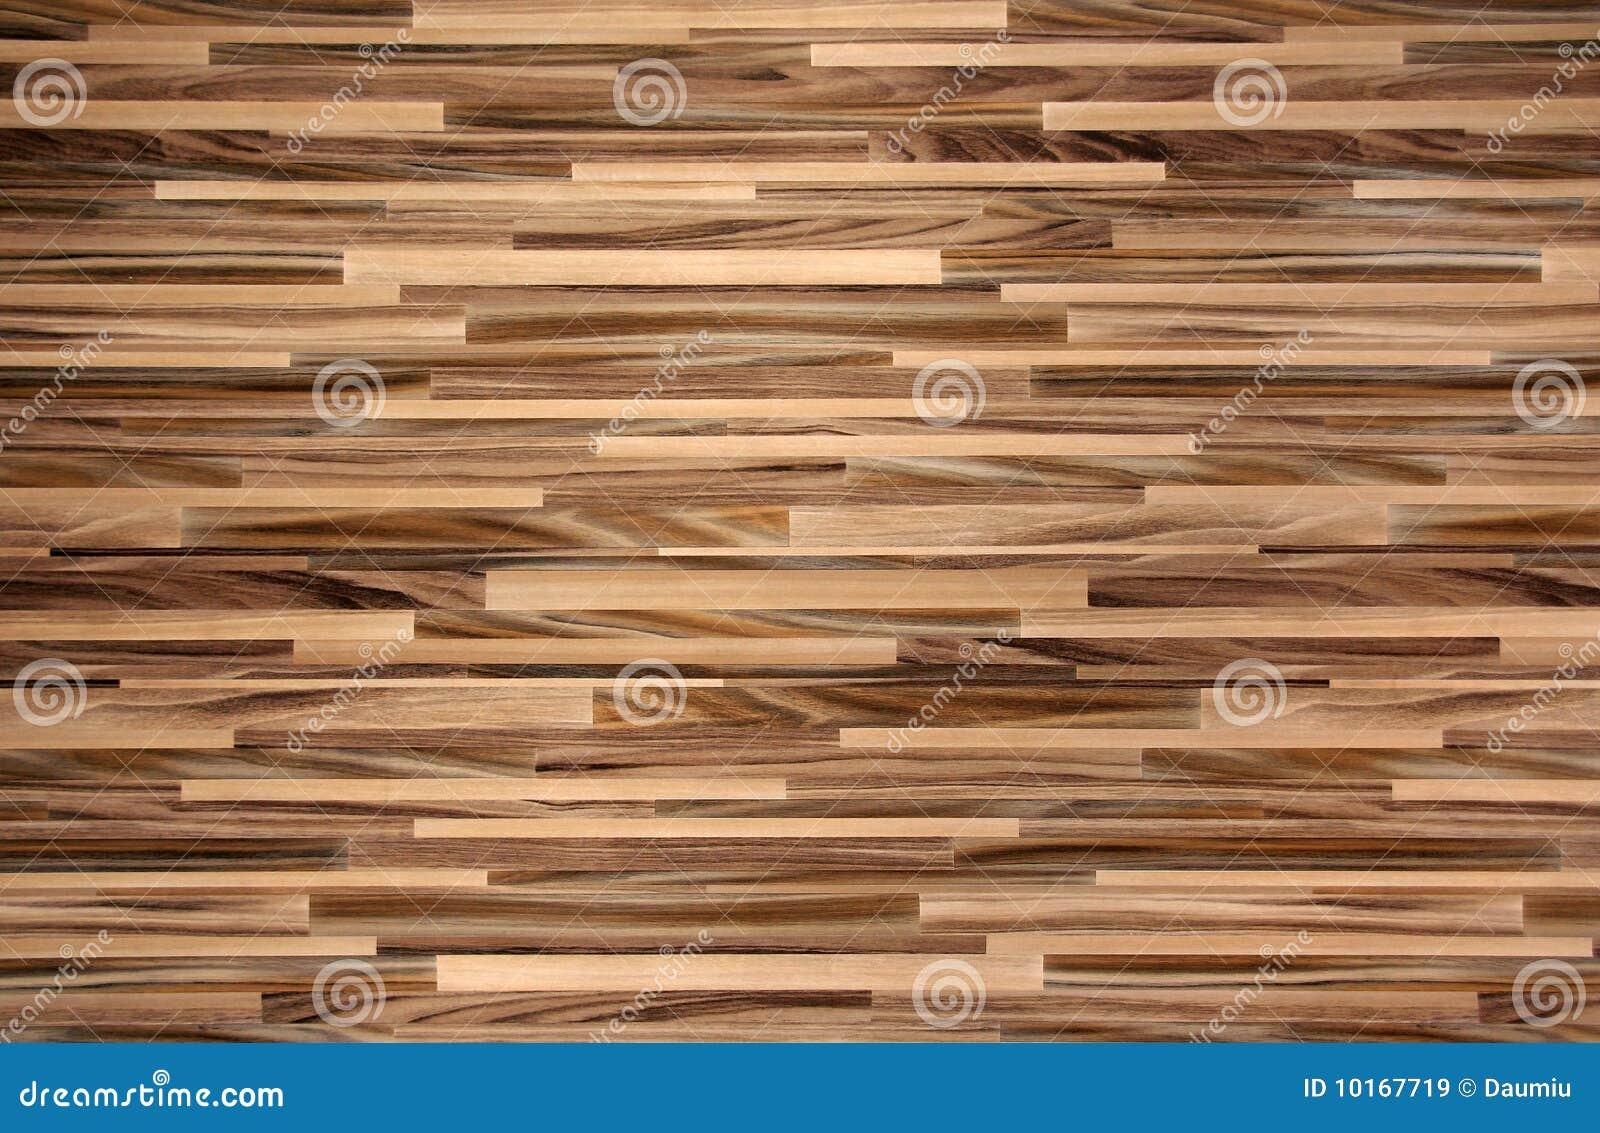 horizontal wood background - photo #38